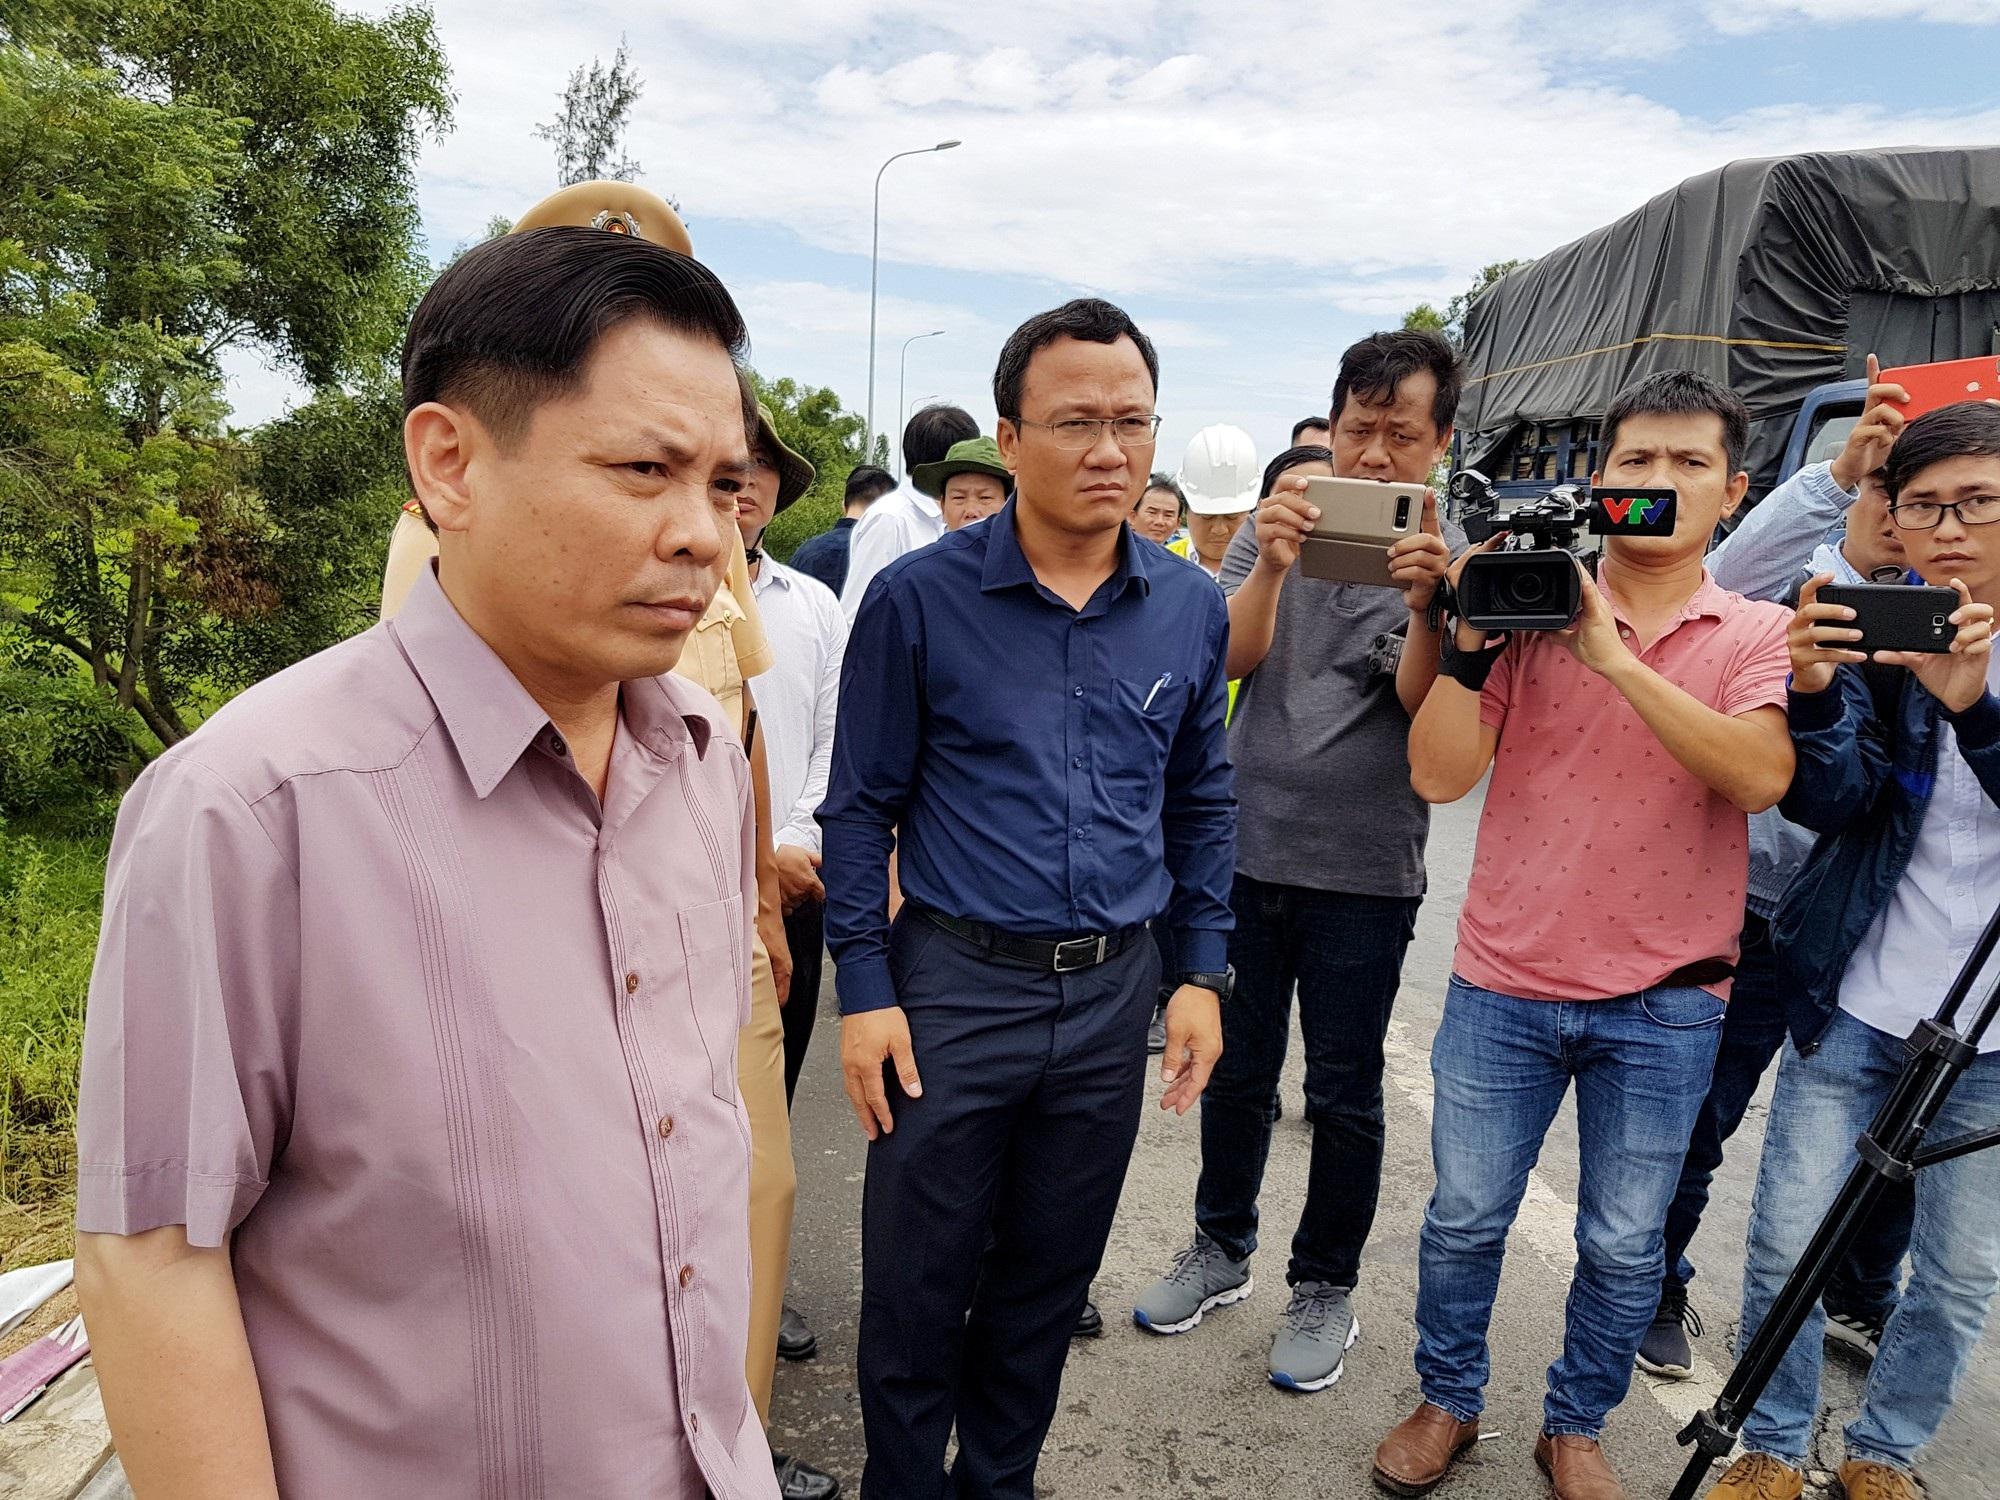 Bộ trưởng Nguyễn Văn Thể thị sát hiện trường vụ tai nạn làm 13 người tử vong vào ngày 30/7